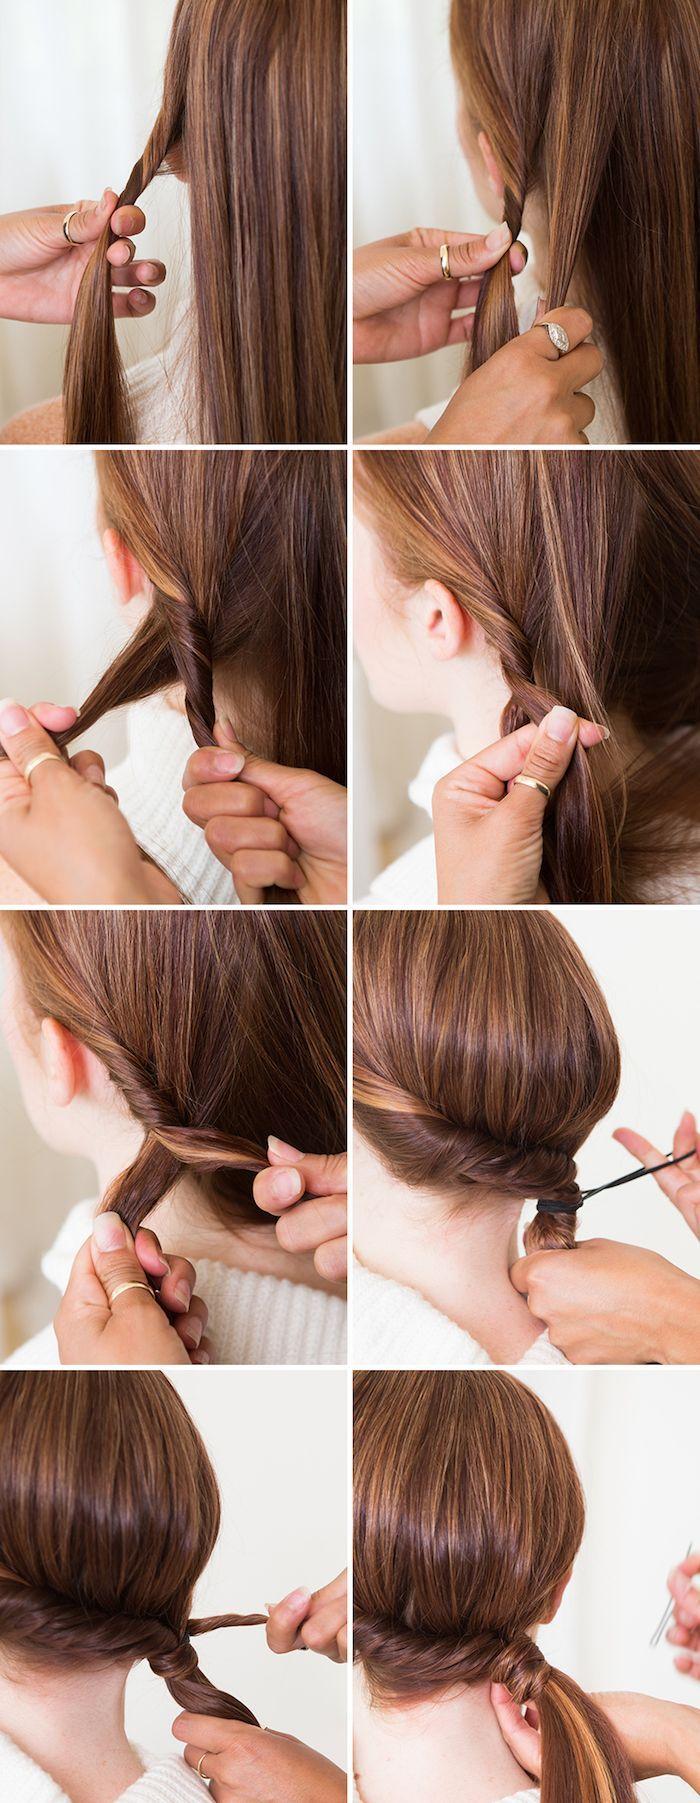 Einfache Frisuren Für Den Alltag 10 Anweisungen Und Viele Tolle